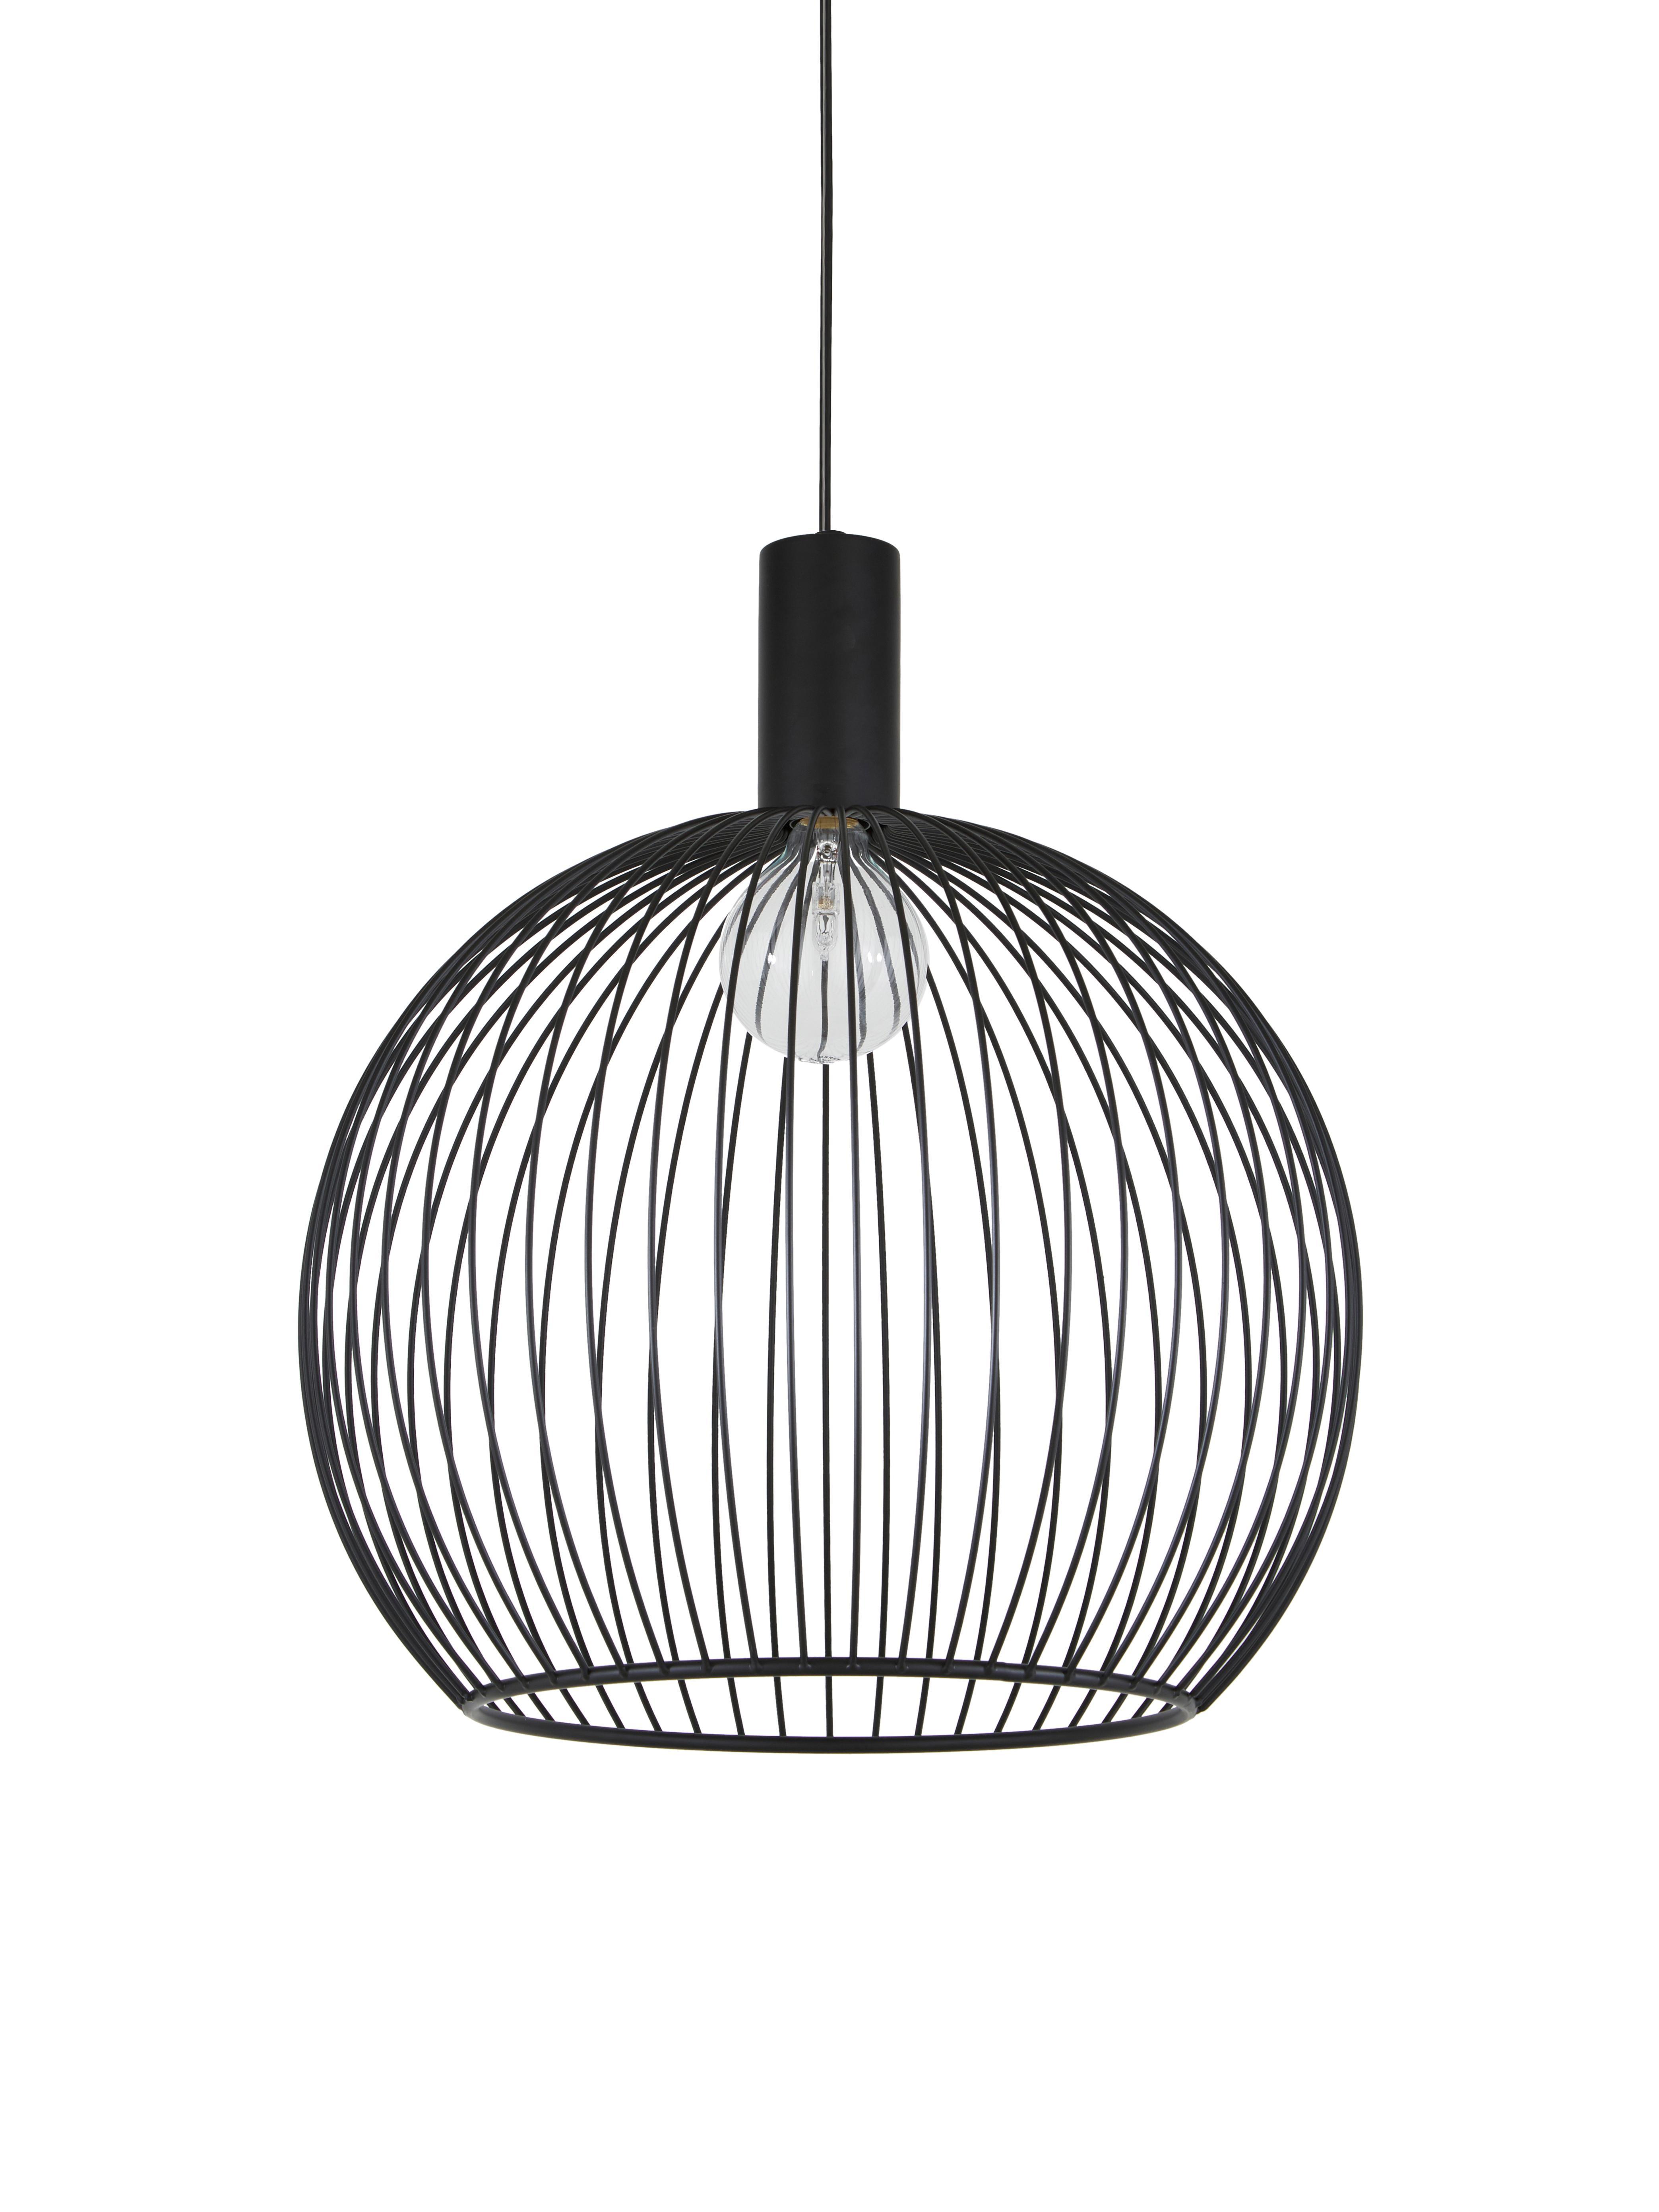 Design Pendelleuchte Aver, Lampenschirm: Stahl, lackiert, Baldachin: Kunststoff, Schwarz, Ø 50 x H 55 cm